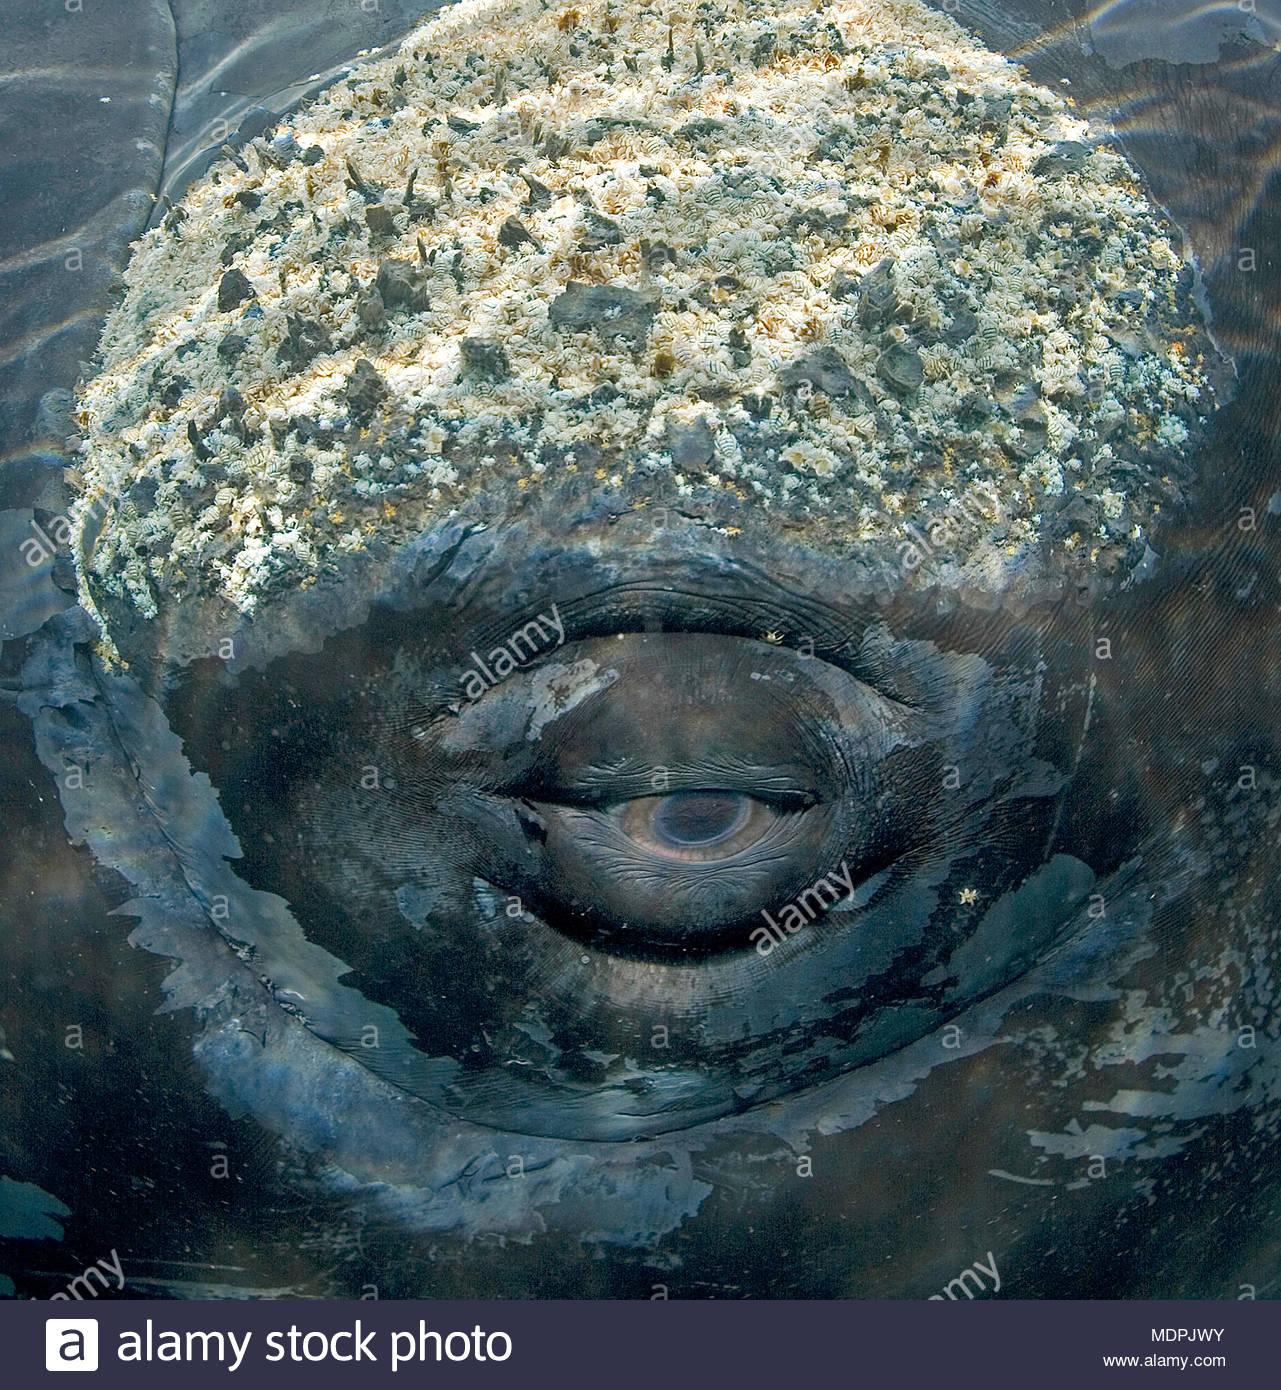 Occhio di balena franca australe (Eubalaena australis), callosità con cirripedi (Balanidae) e balena trati (cyamids) sulla testa, penisola di Valdes, Patag Immagini Stock